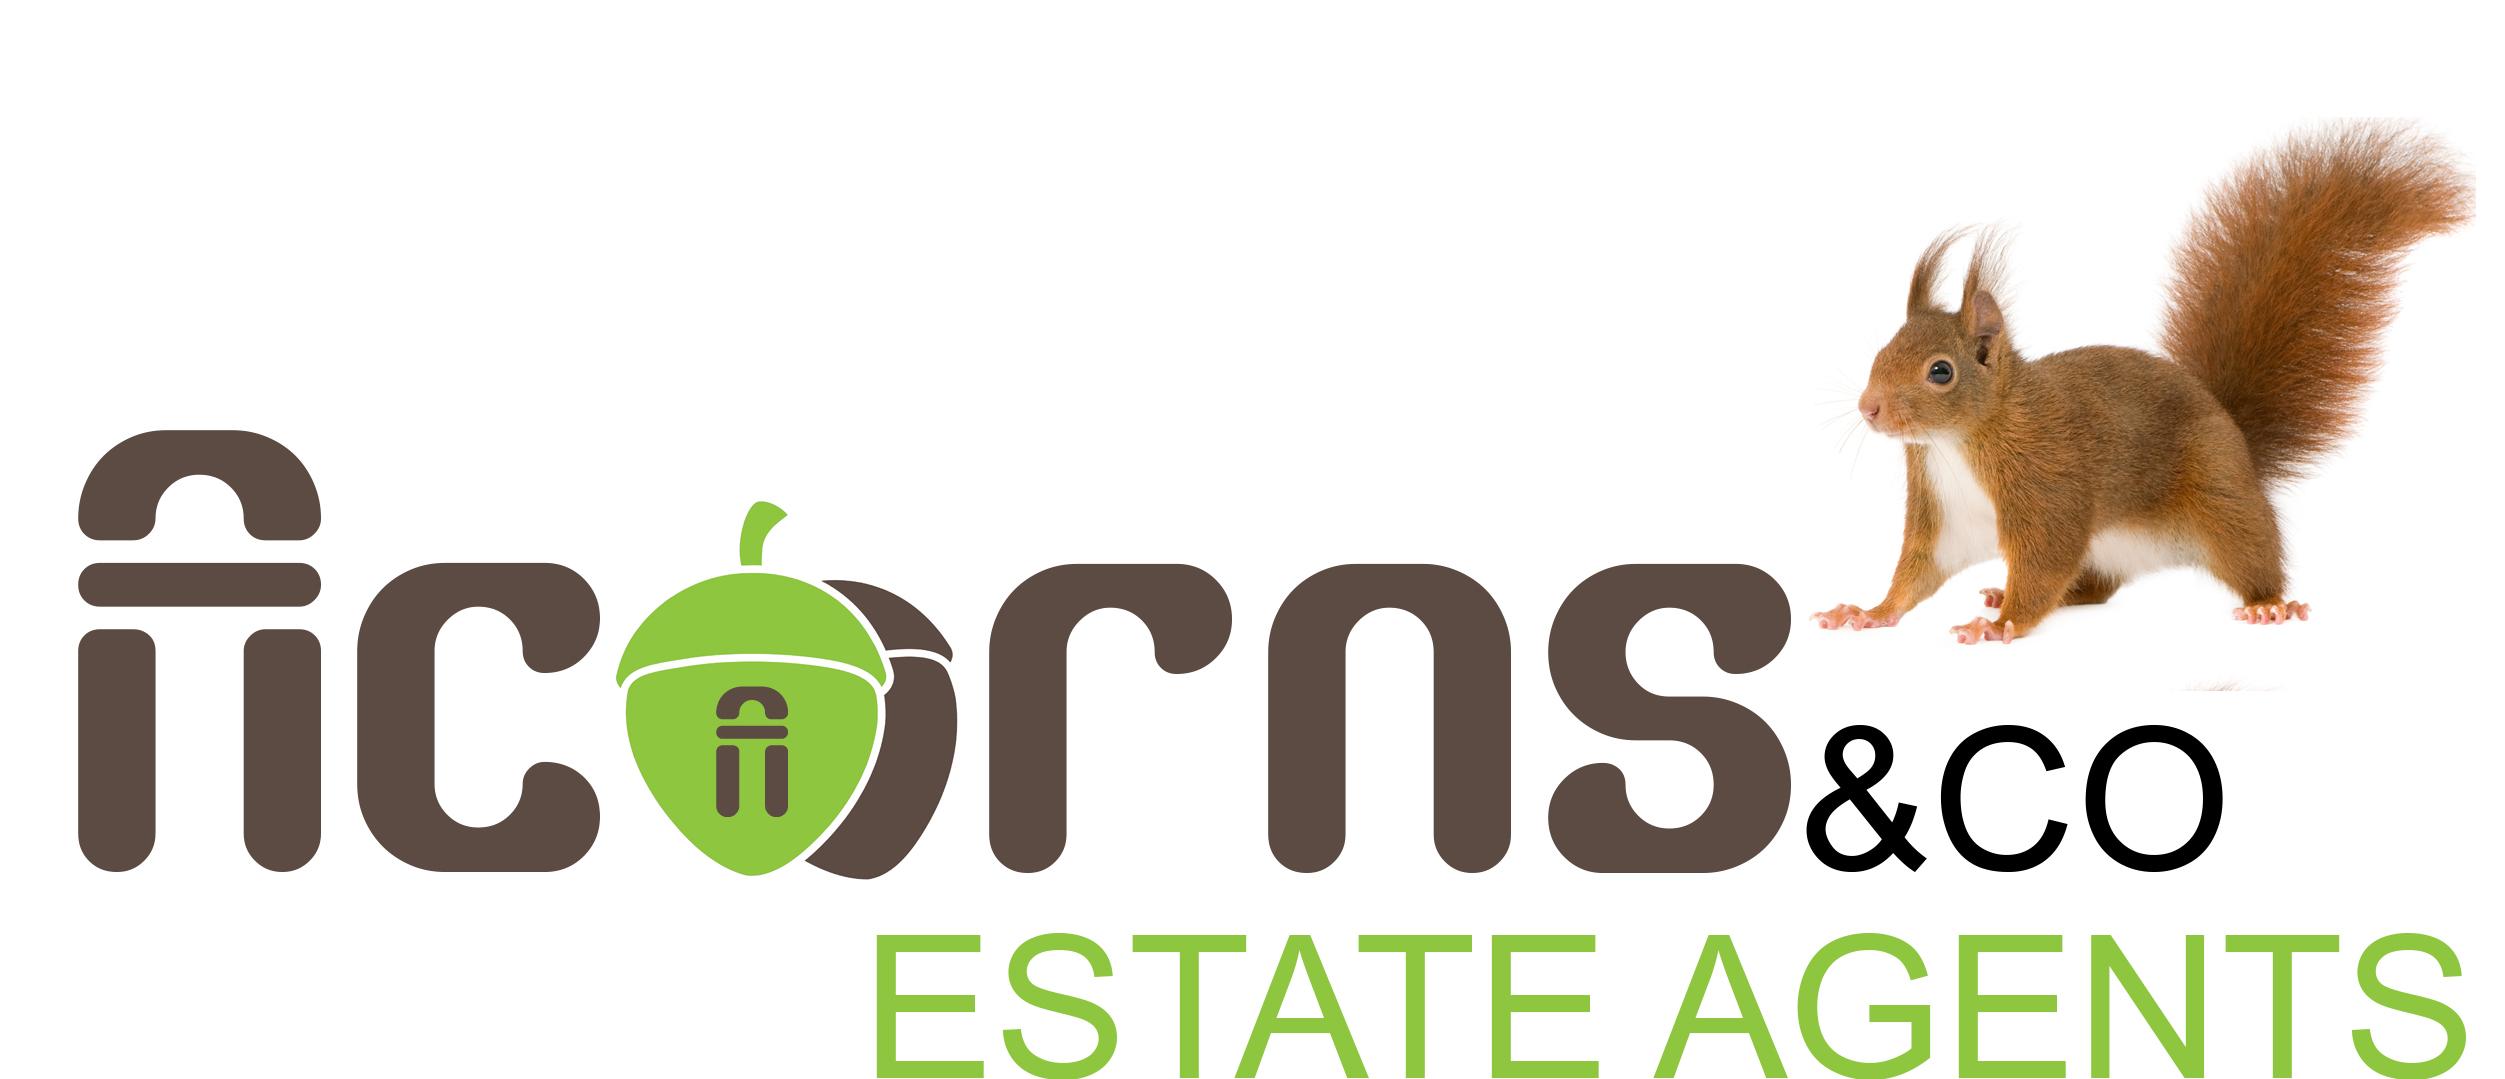 Read Acorns & Co Estate Agents Reviews